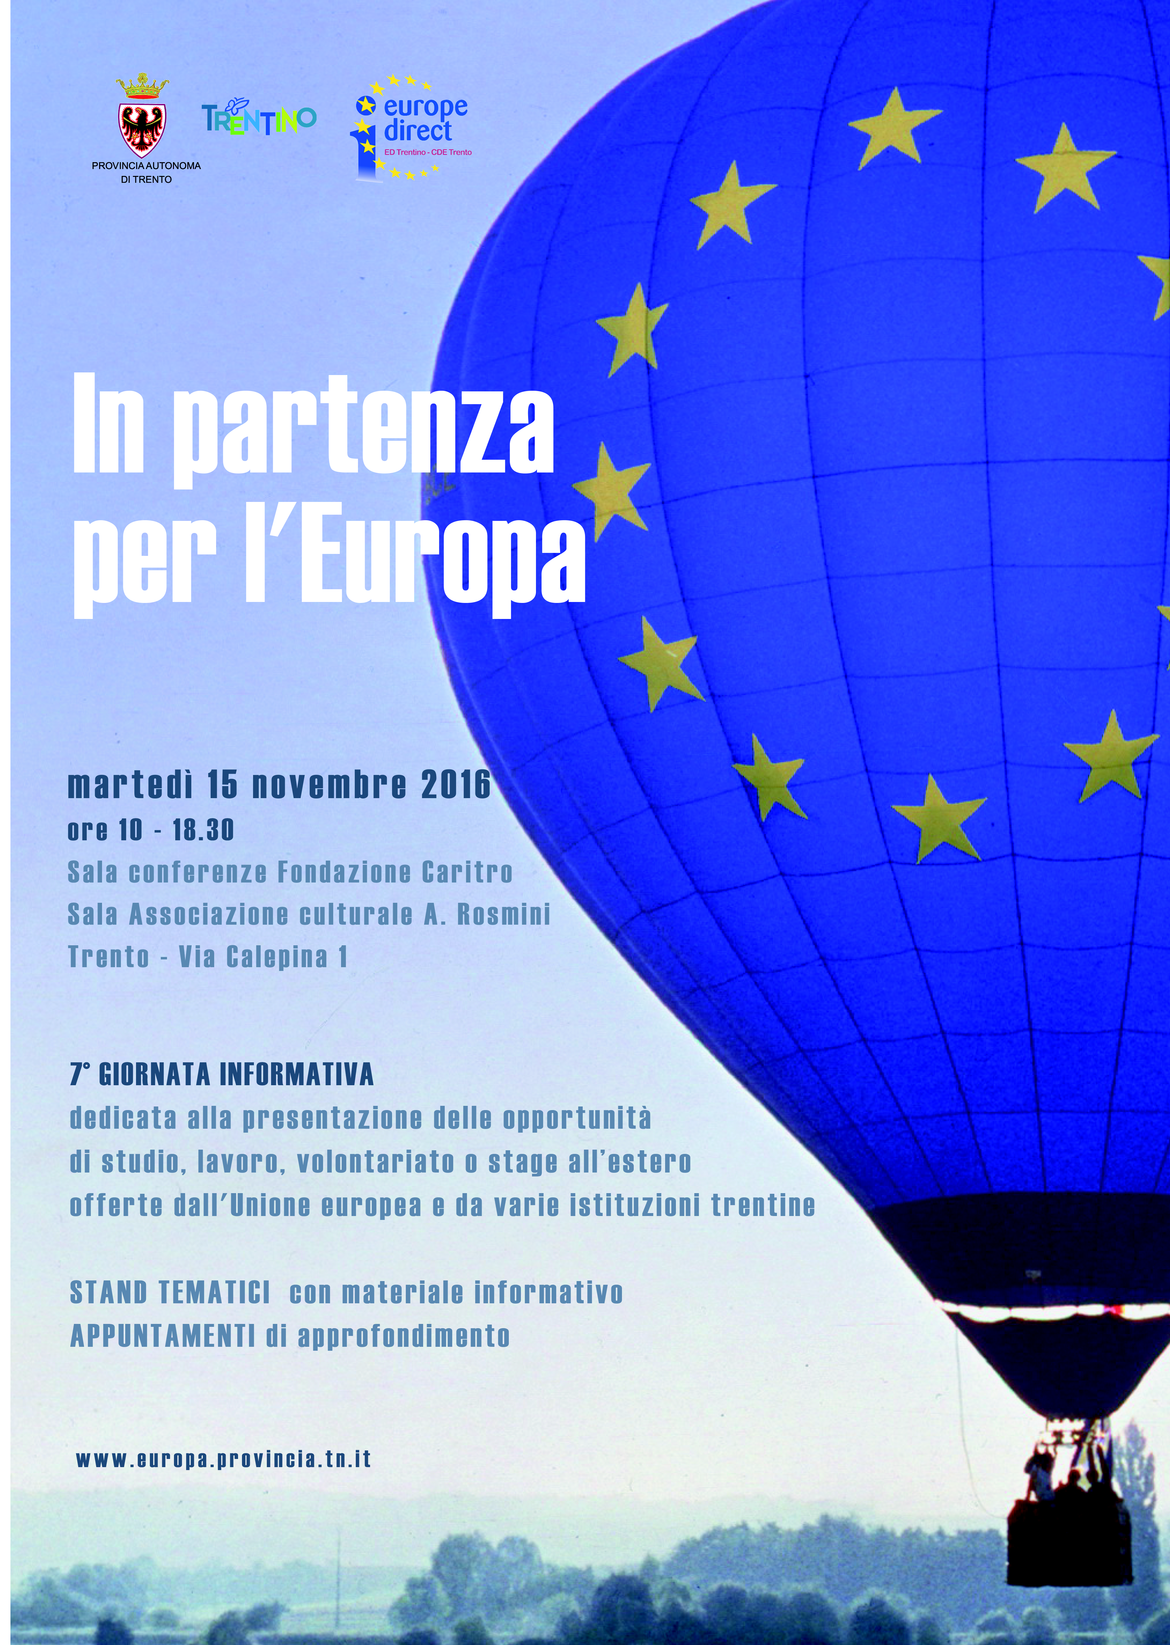 Rapporto Italiani (e trentini) nel mondo 2016 - Trentino Cultura